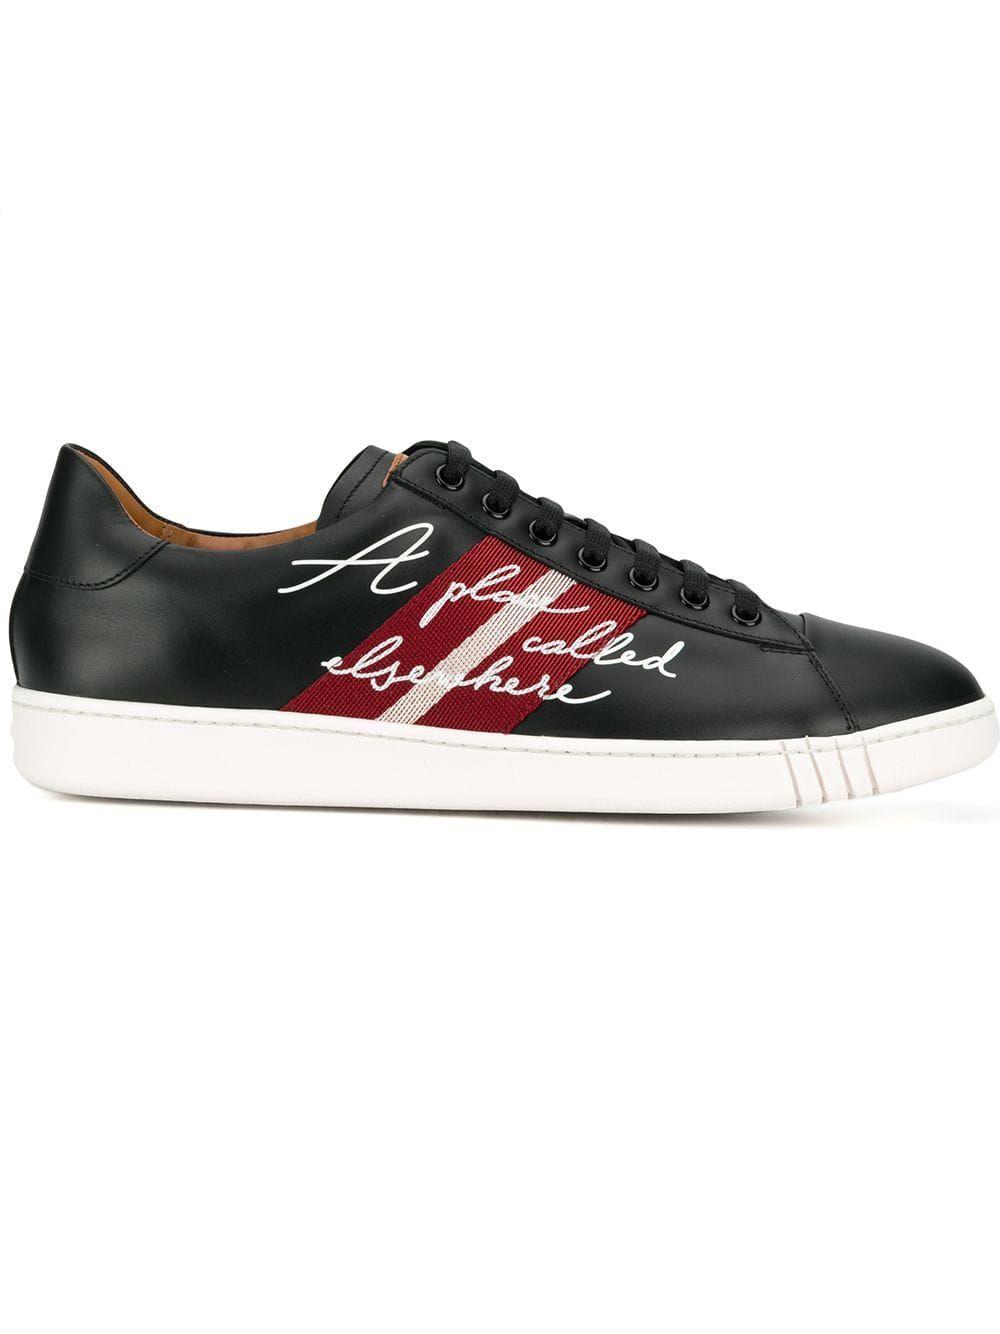 620e393550 BALLY BALLY WILSON SNEAKERS - BLACK.  bally  shoes Calf Leather